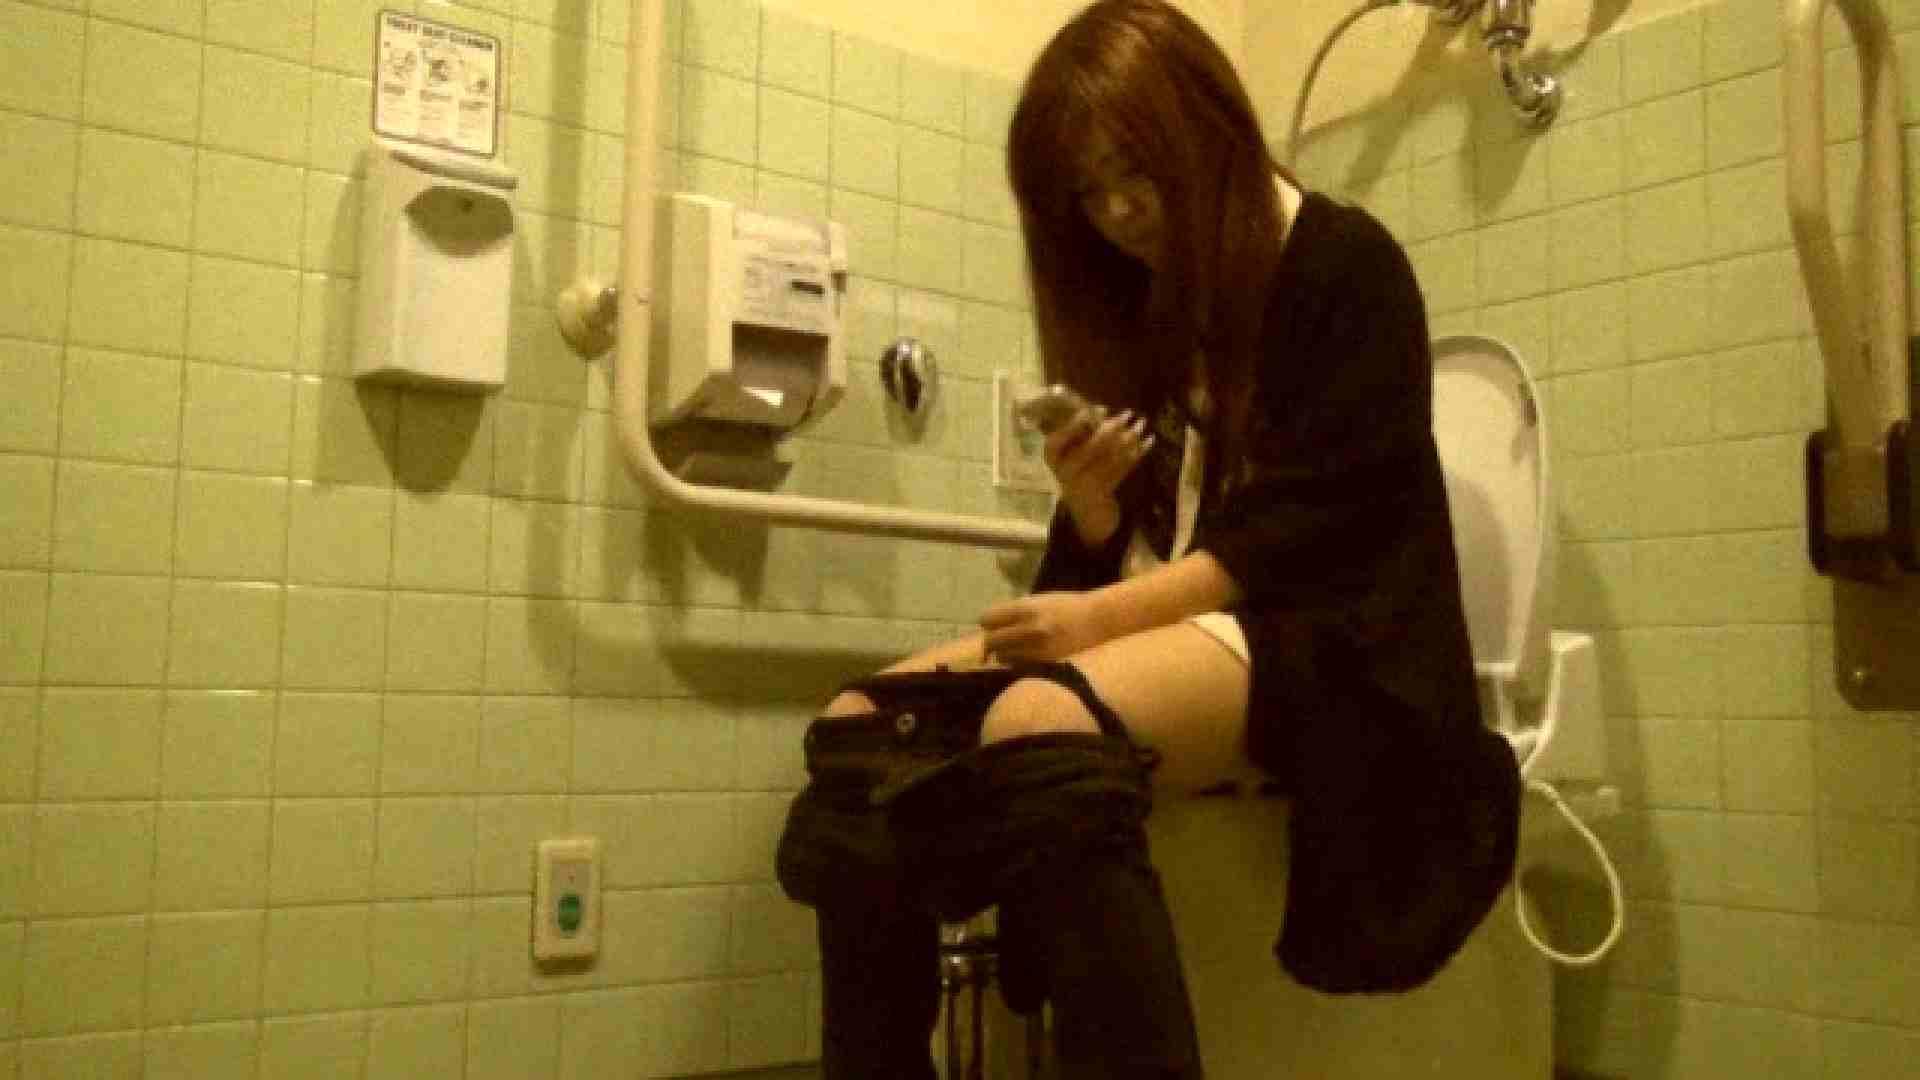 魔術師の お・も・て・な・し vol.26 19歳のバーの店員さんの洗面所をしばし… 美しいOLの裸体 | イタズラ  73pic 46